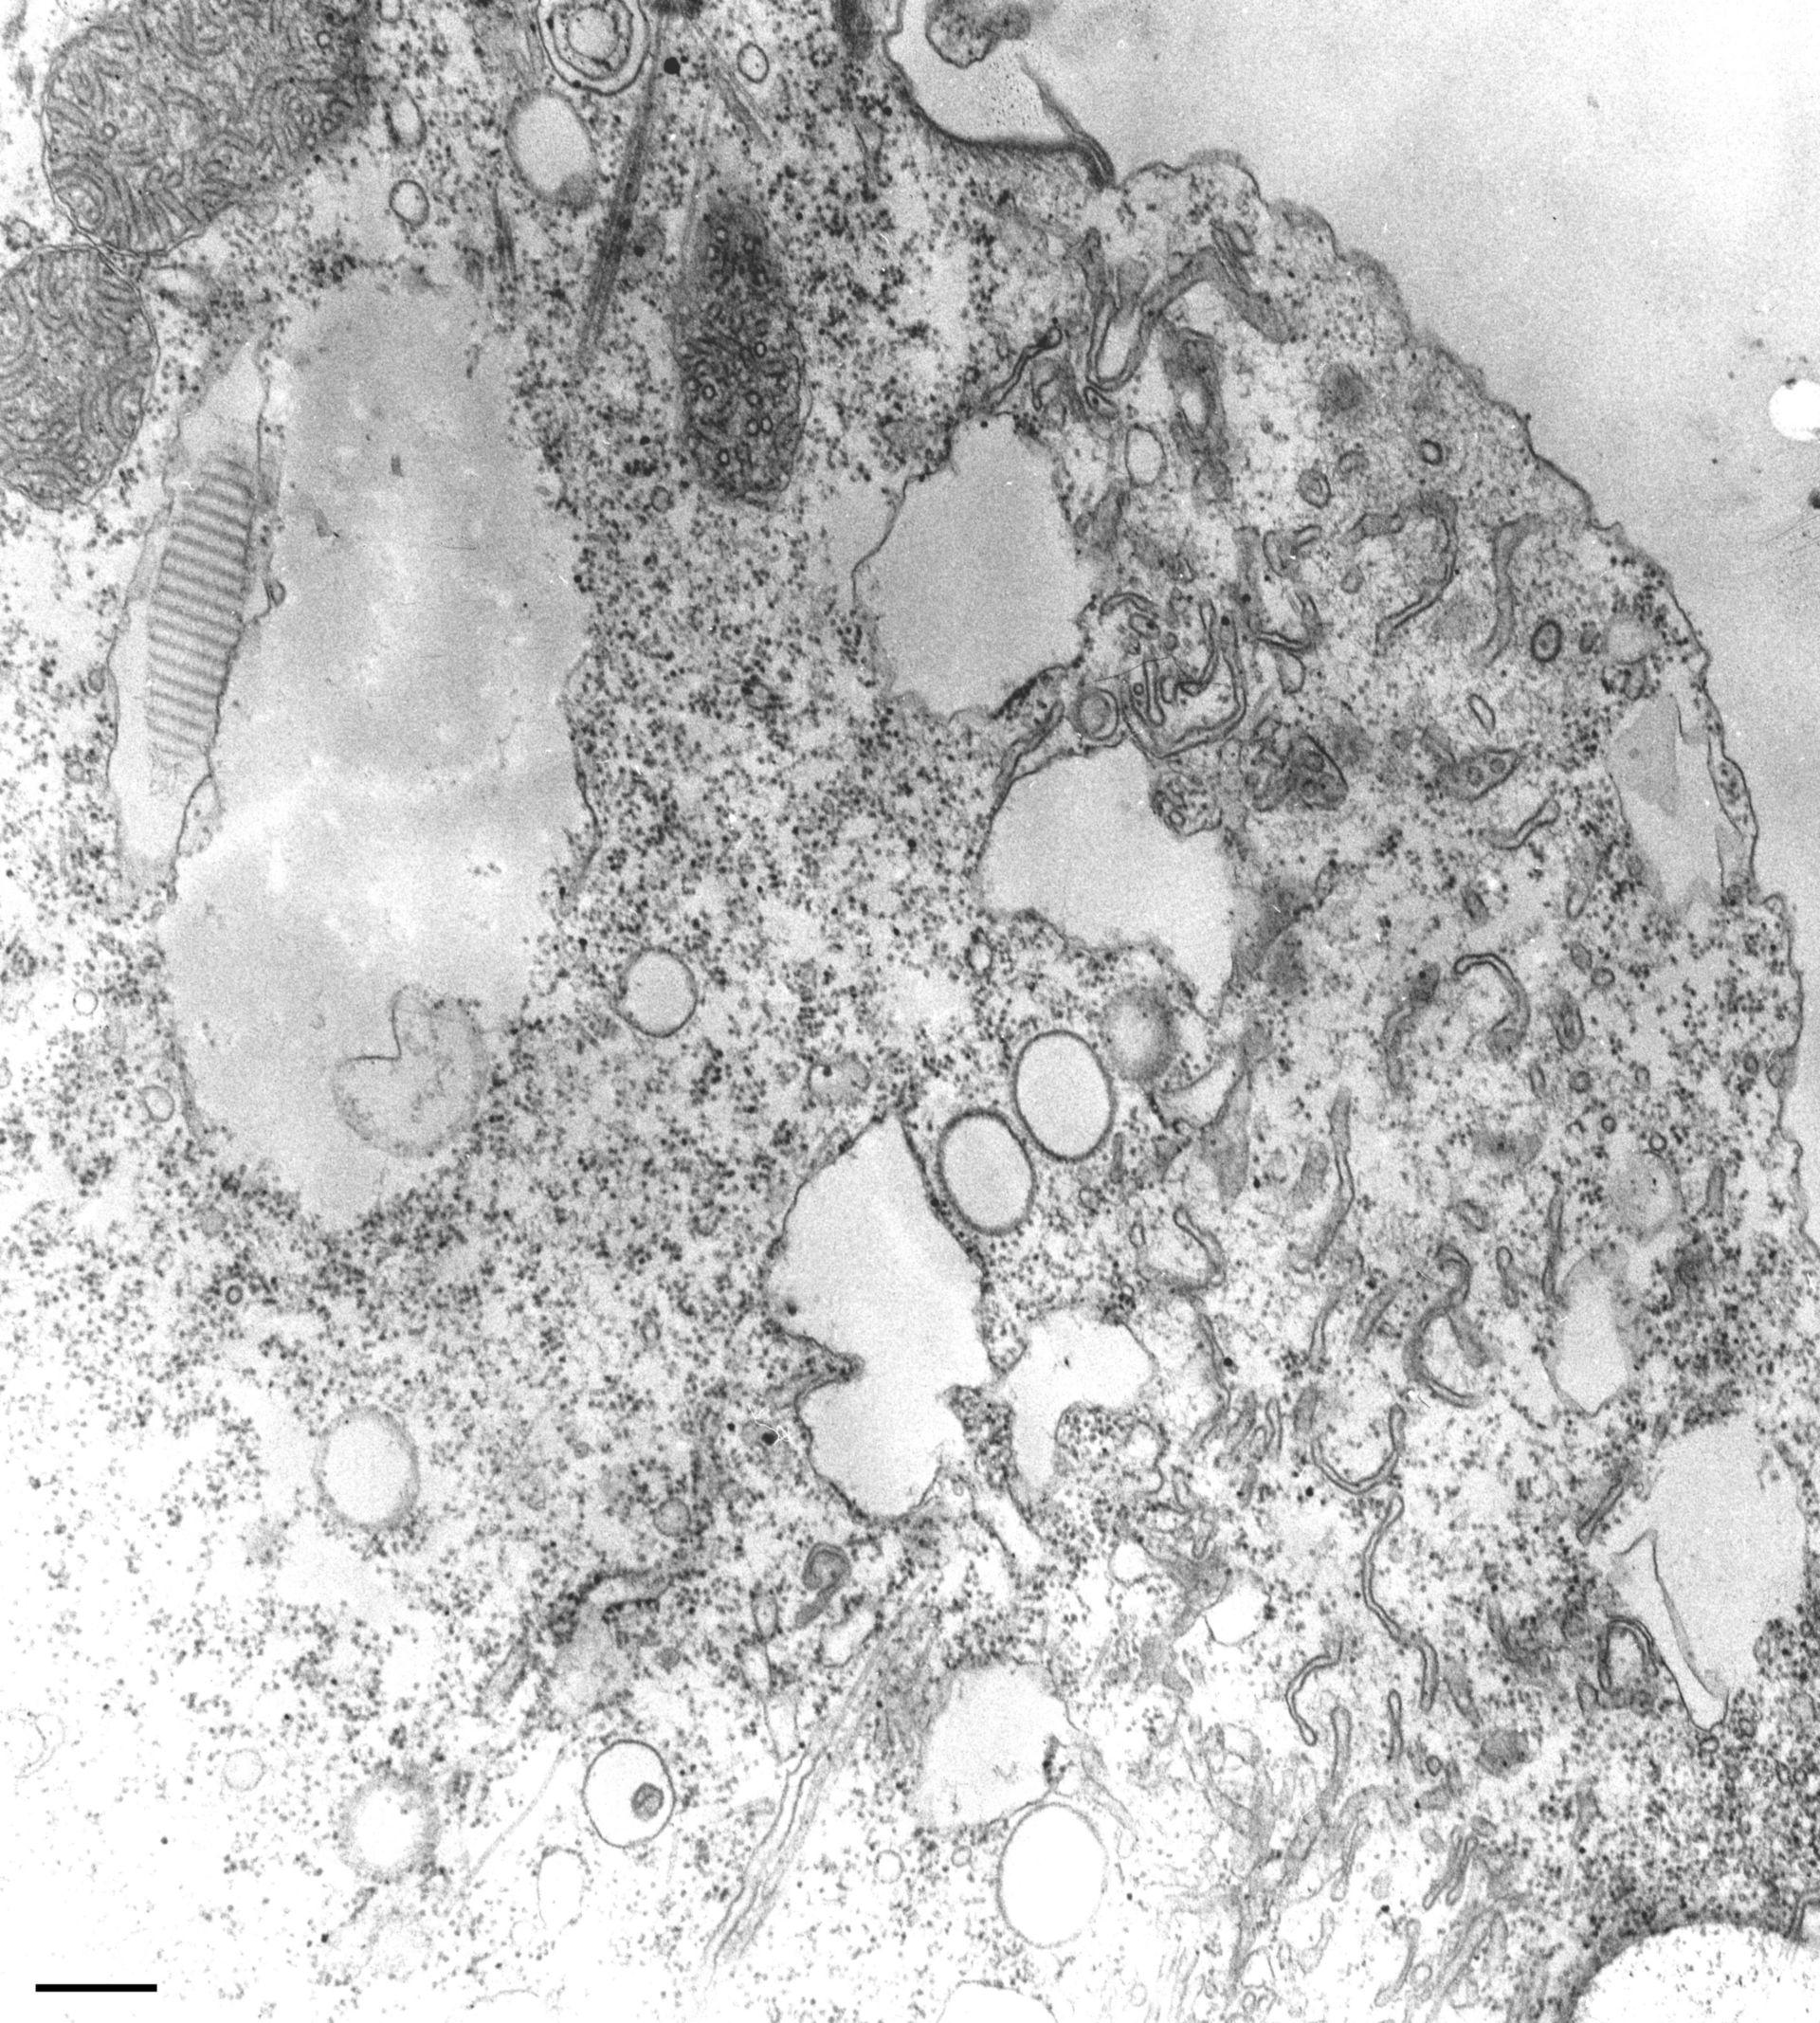 Paramecium multimicronucleatum (Microtubule) - CIL:13138